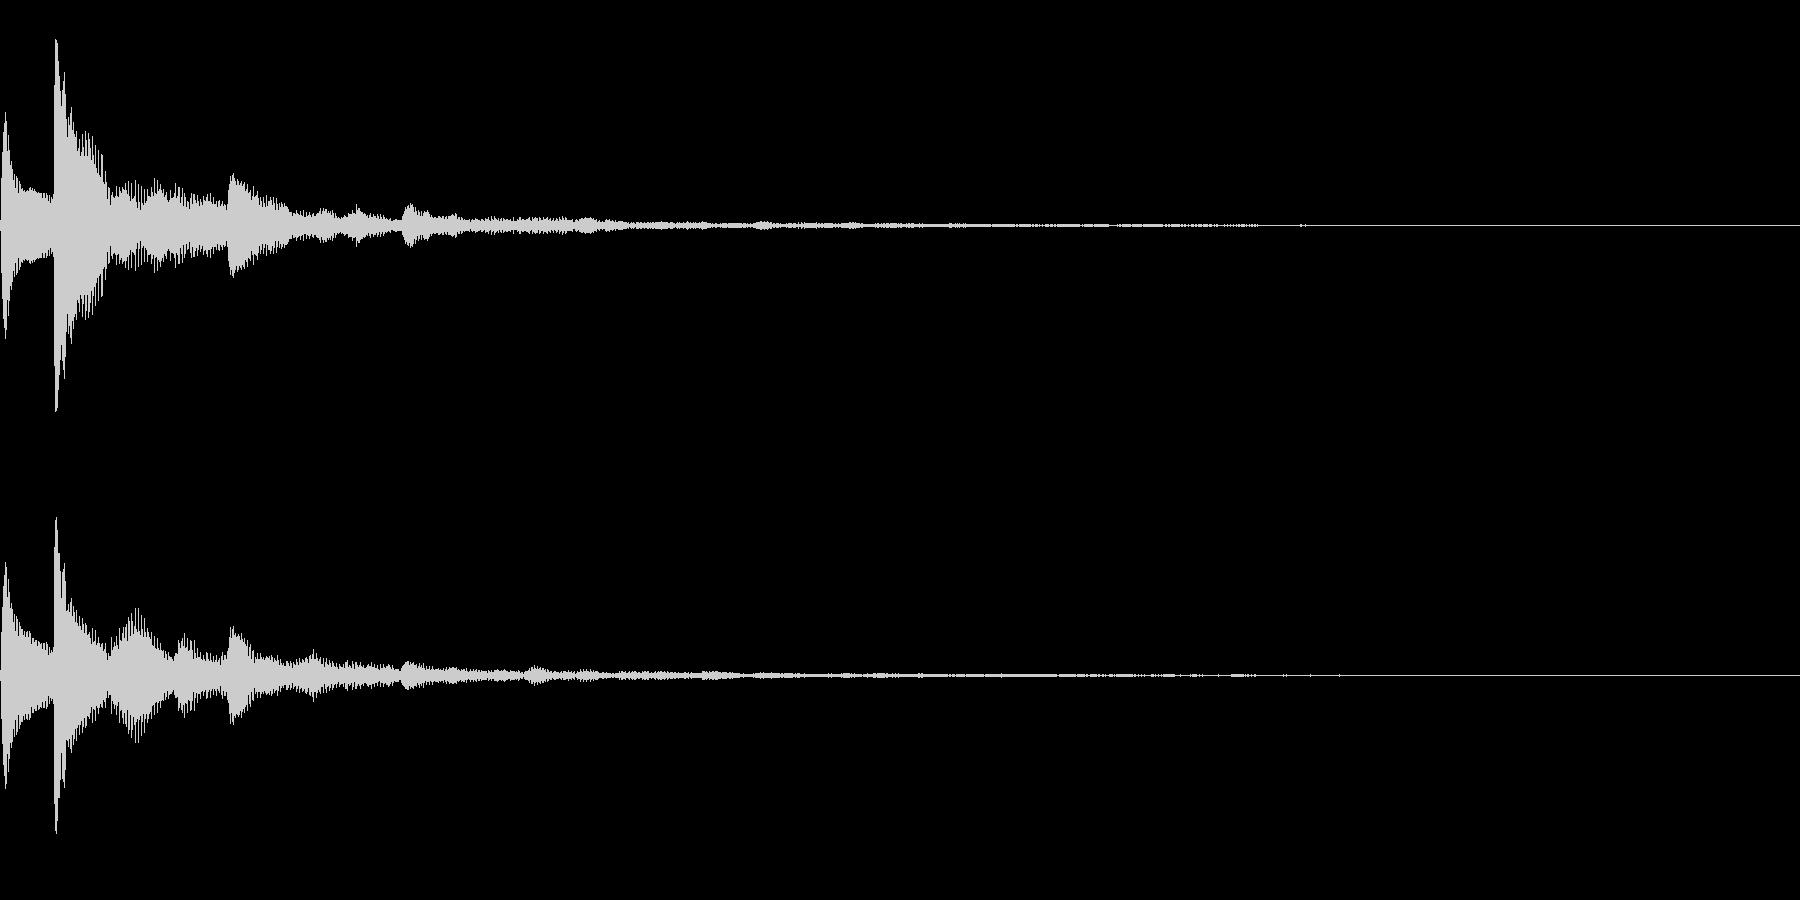 テロップ表示音~3和音の暗めな分散系~の未再生の波形